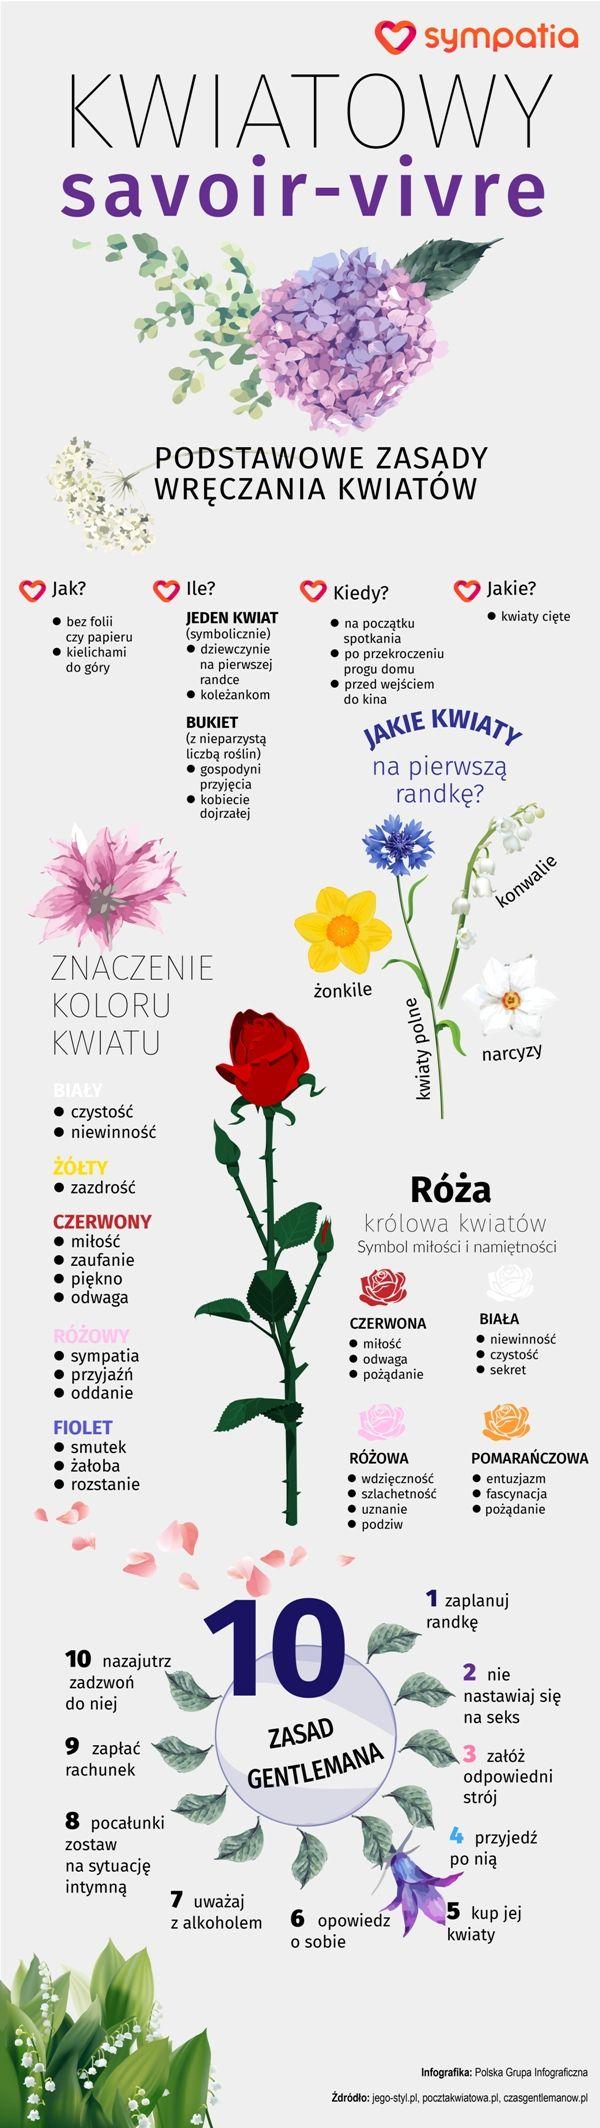 Kwiaty na randce